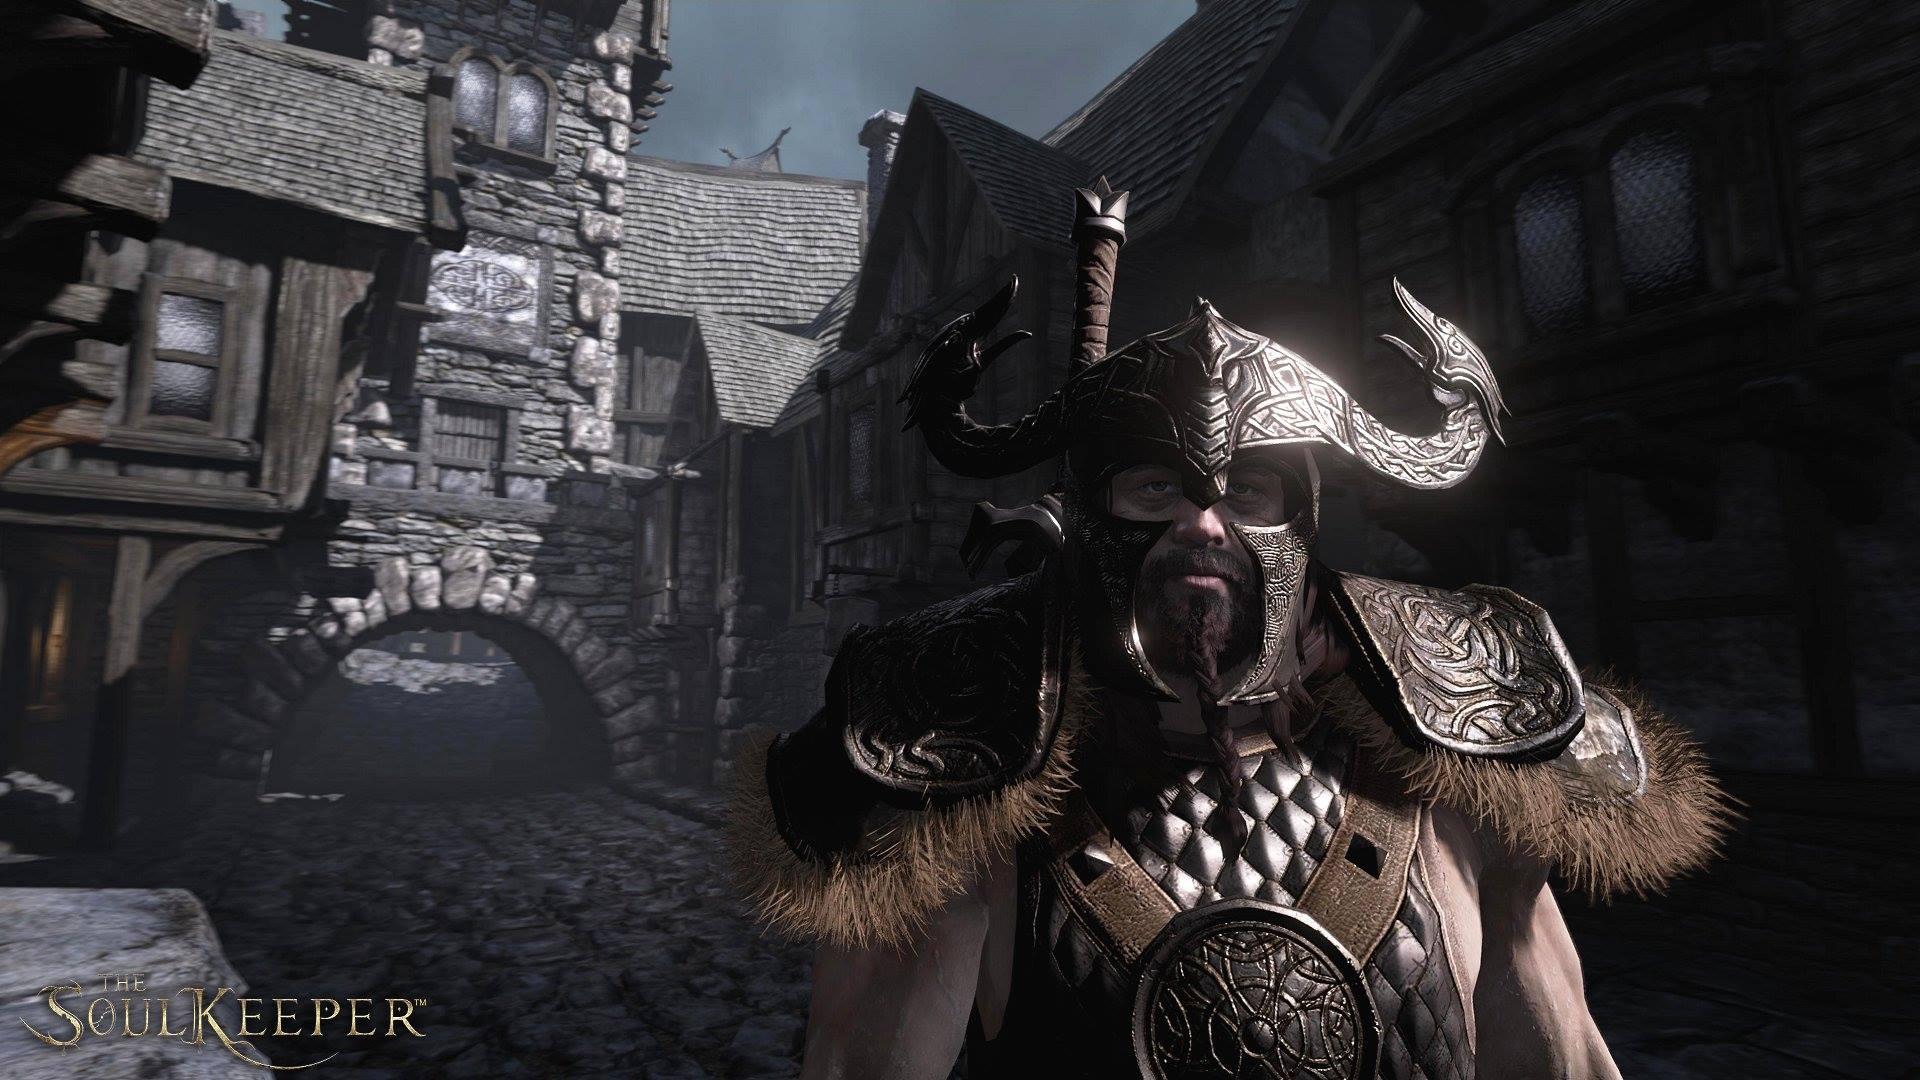 The Soul Keeper - RPG на Unreal Engine 4 - Первые скриншоты... Скайрим ты ли это ? - Изображение 1